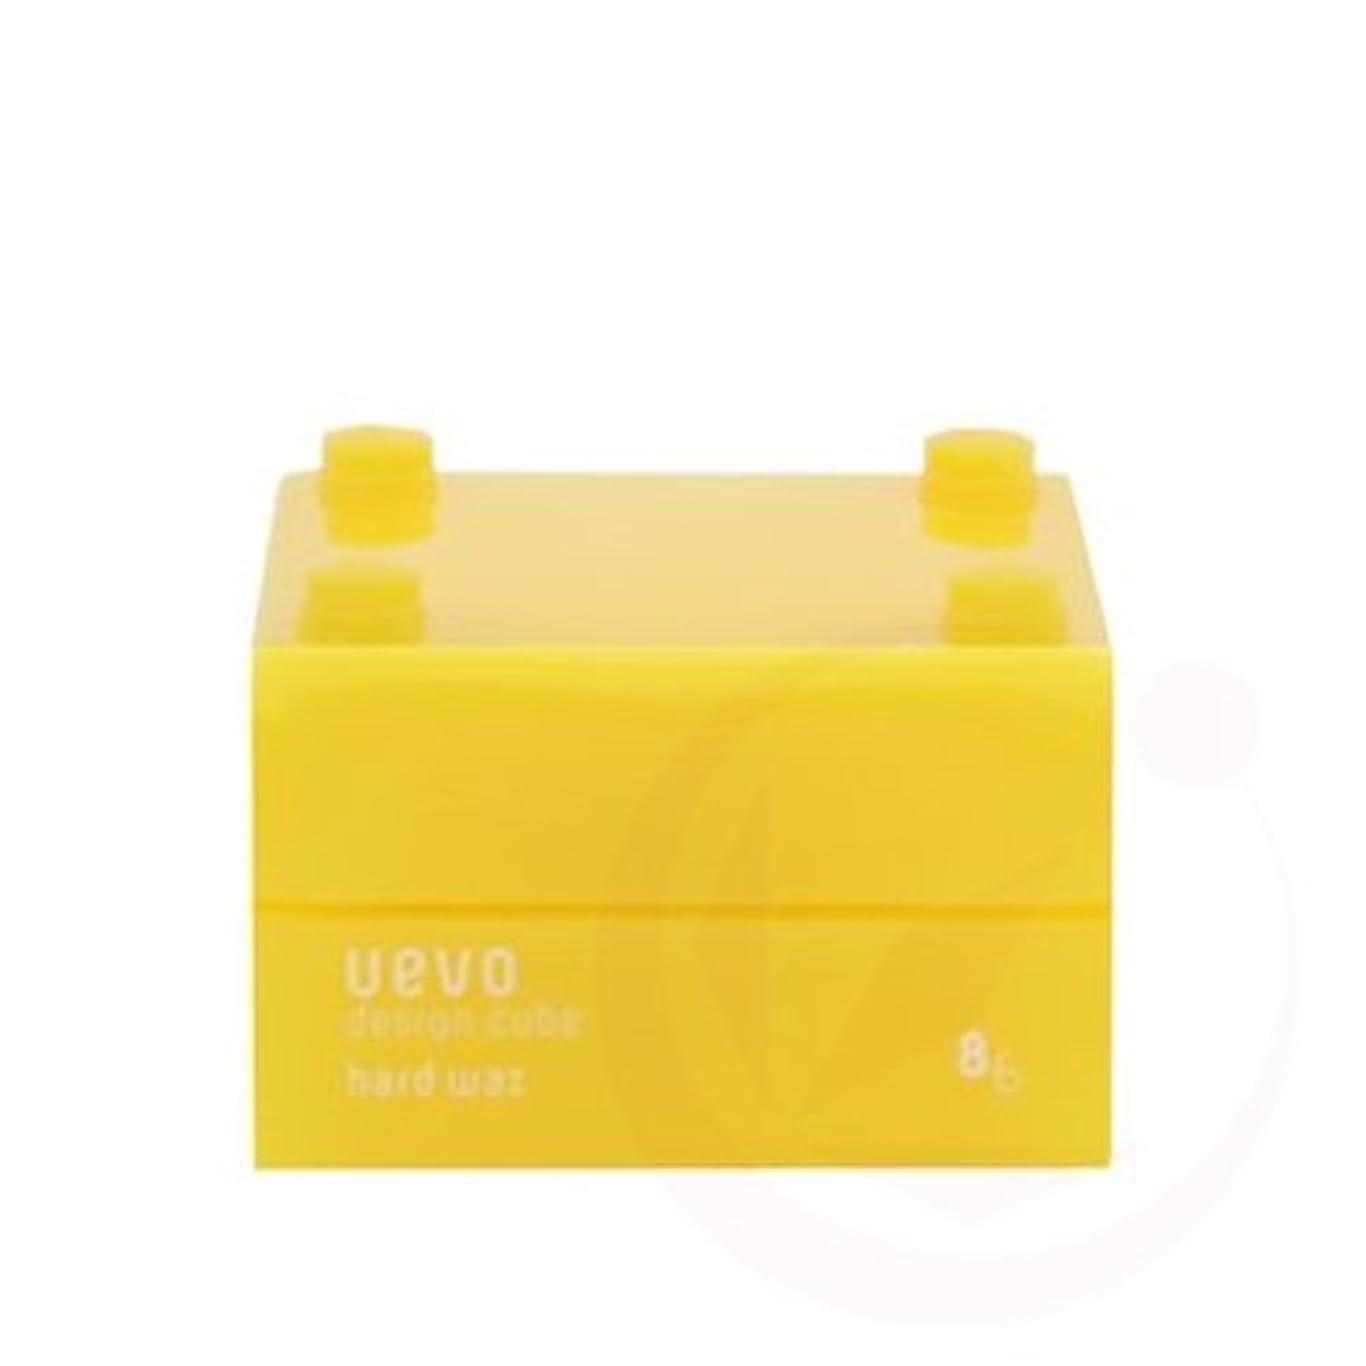 ゴミ箱を空にするレモン以下【デミコスメティクス】ウェーボ デザインキューブ ハードワックス 30g